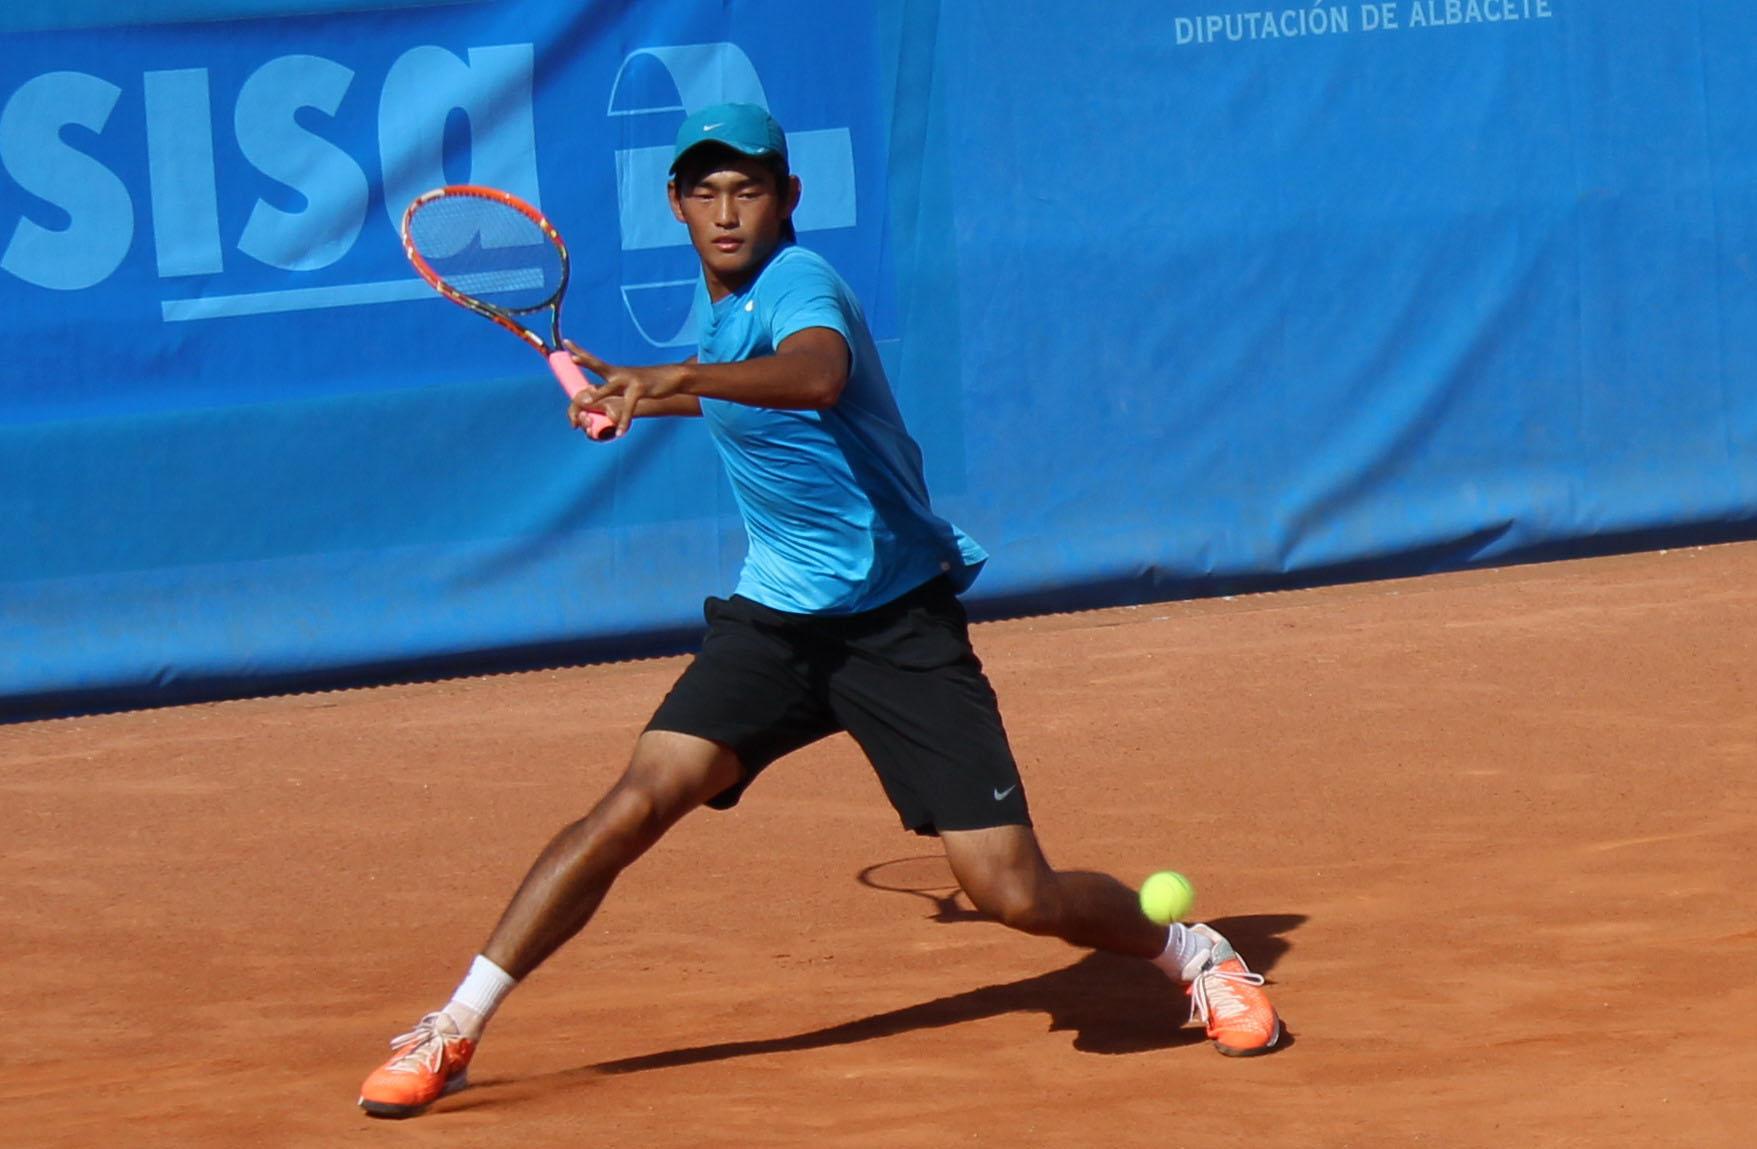 El tenista chino Siu Liyu durante su partido en el Trofeo Ciudad de Albacete